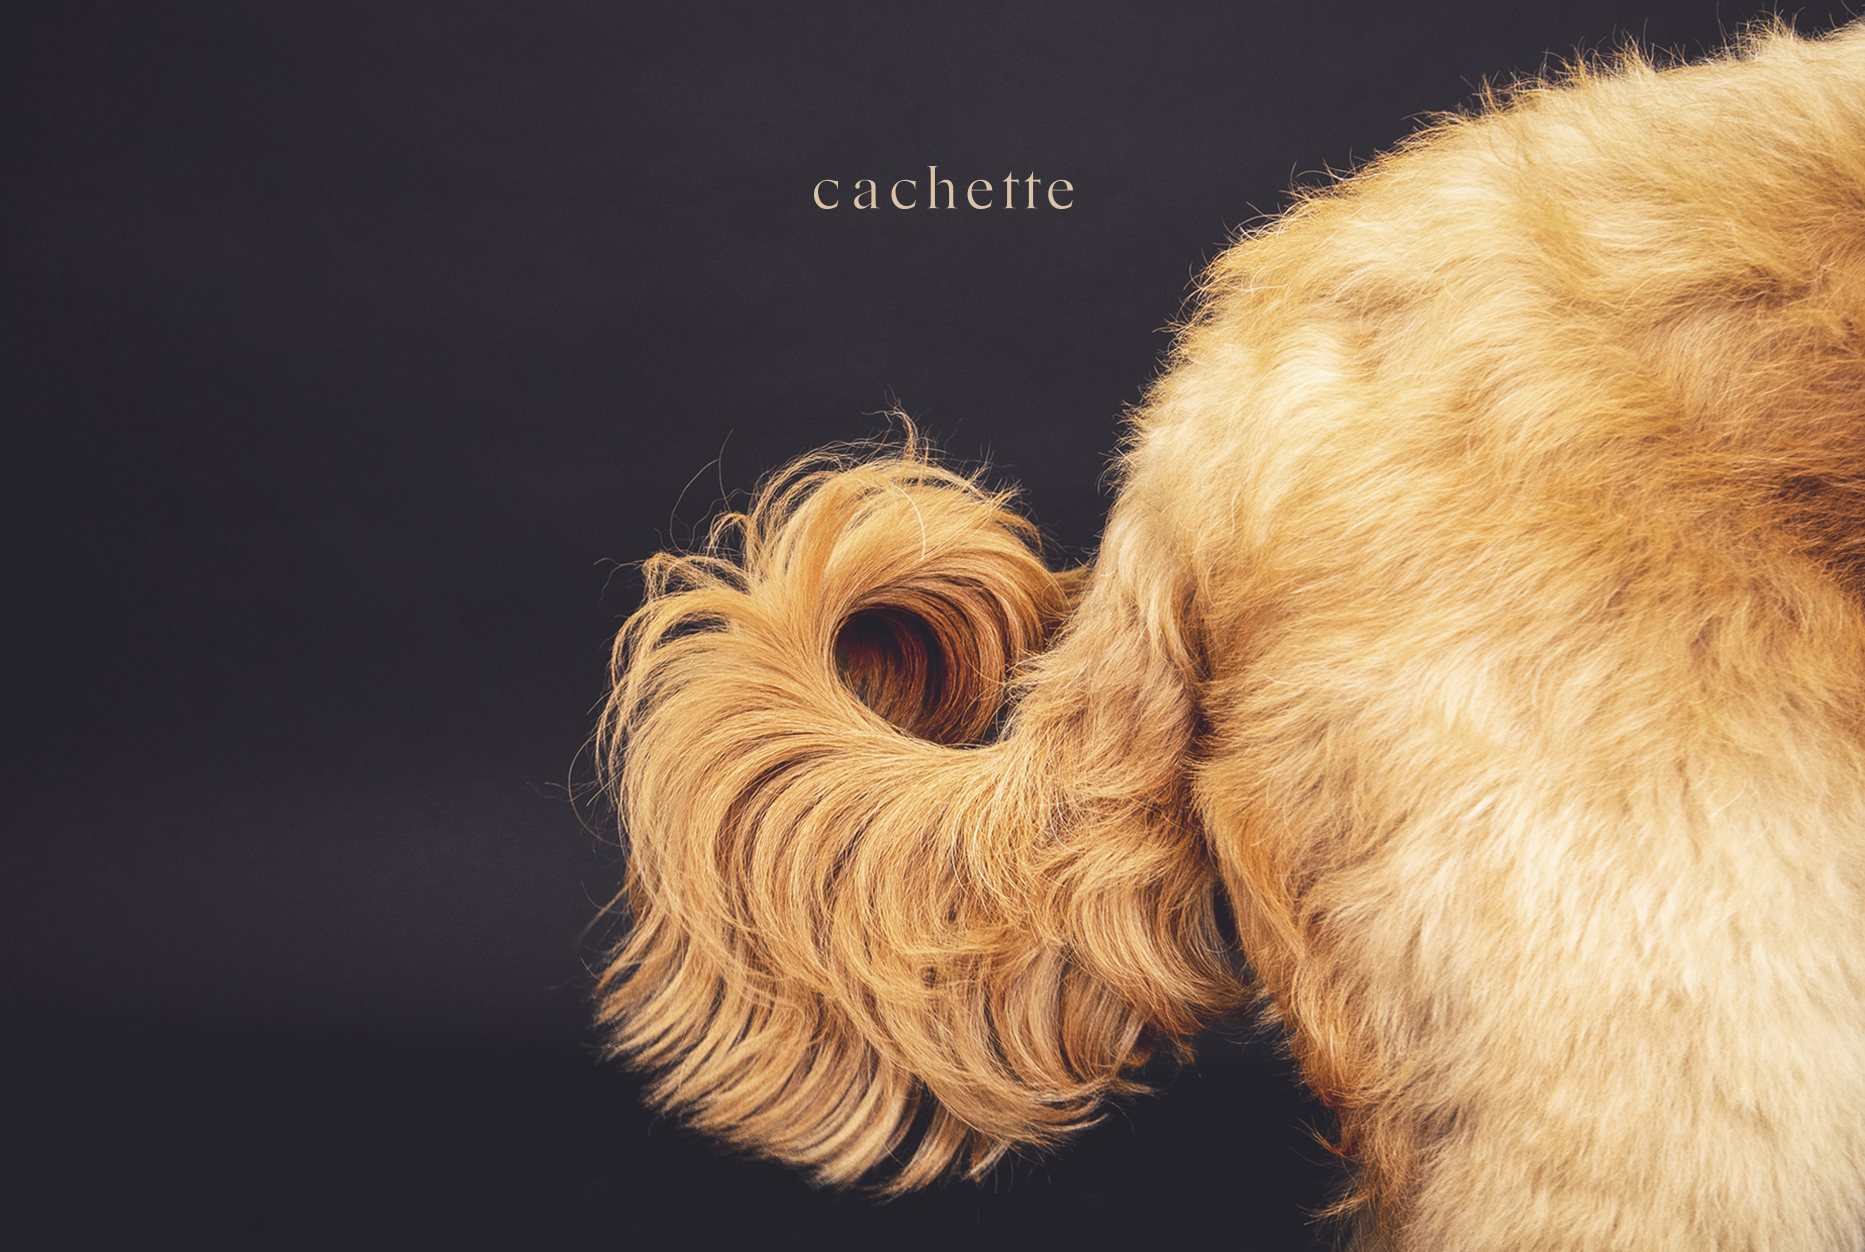 """犬猫の飼い主さま向け完全招待制の隠れ家サロン""""cachette(カシェット)"""" へご招待"""